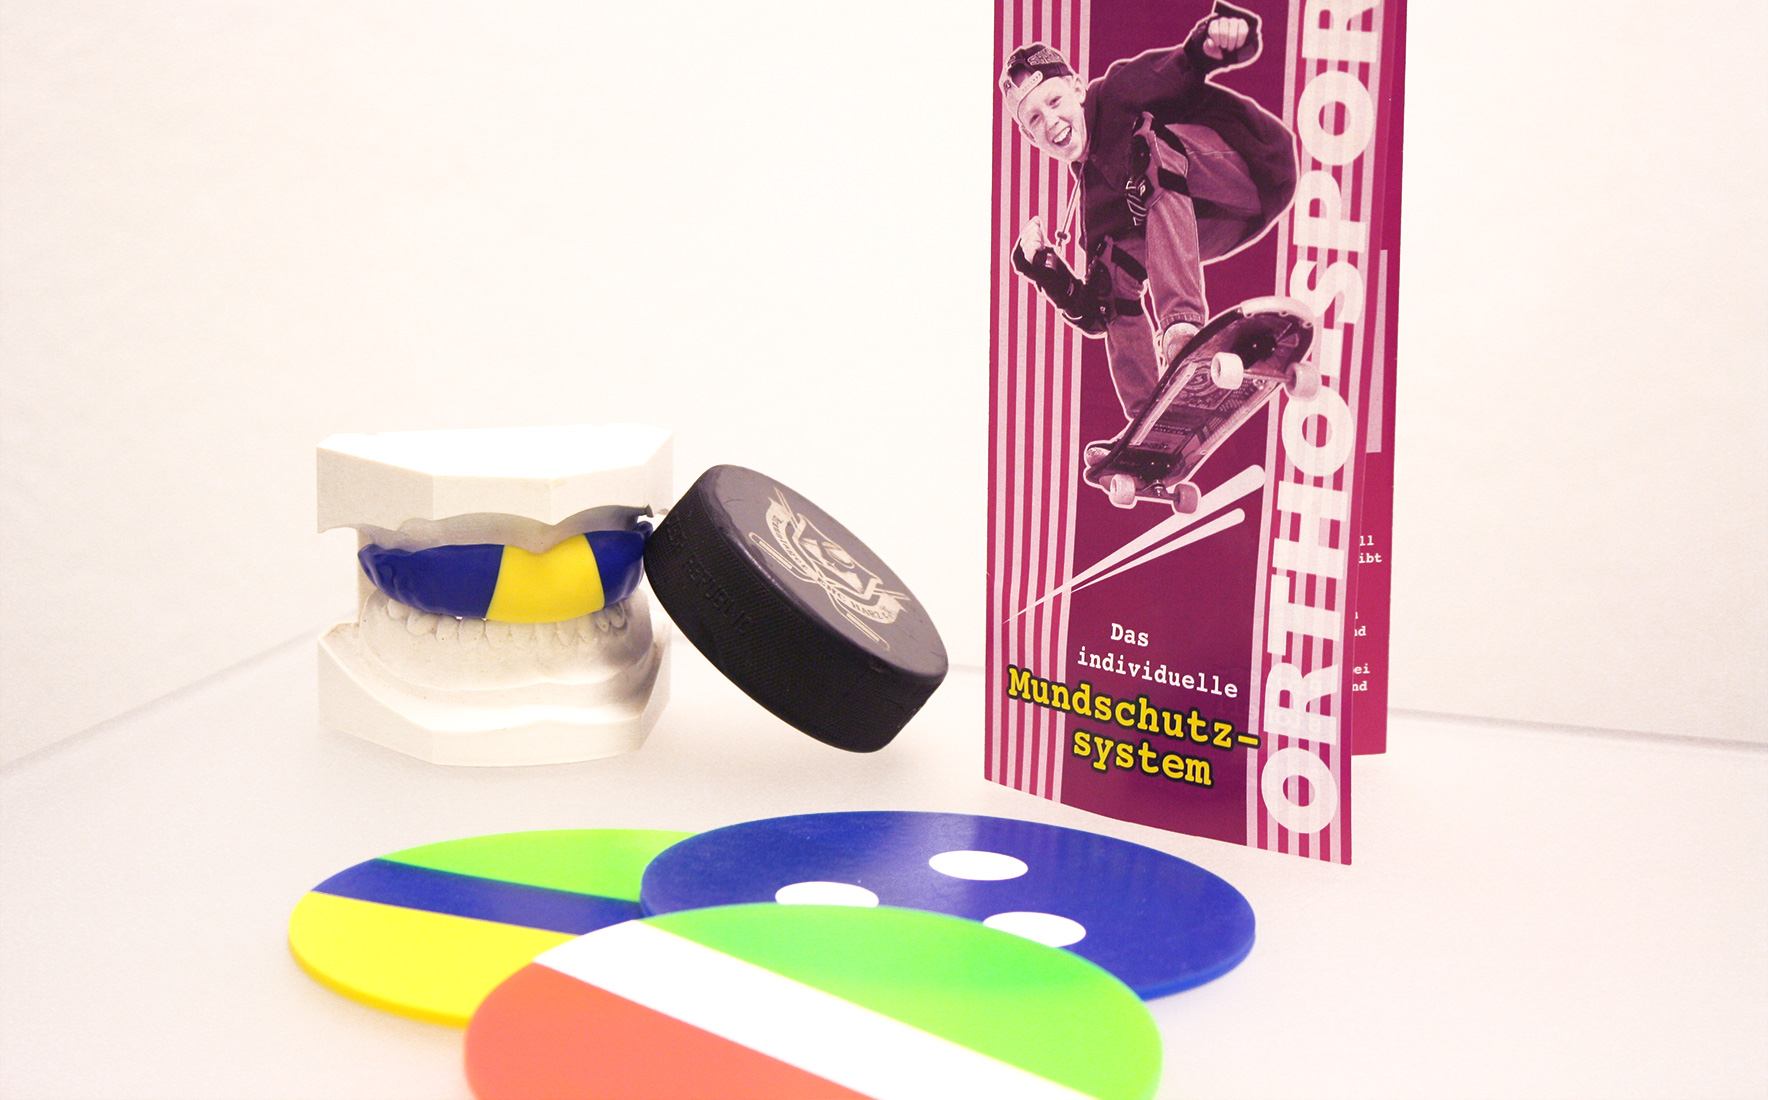 Das individuelle Mundschutzsystem: der Sportmundschutz